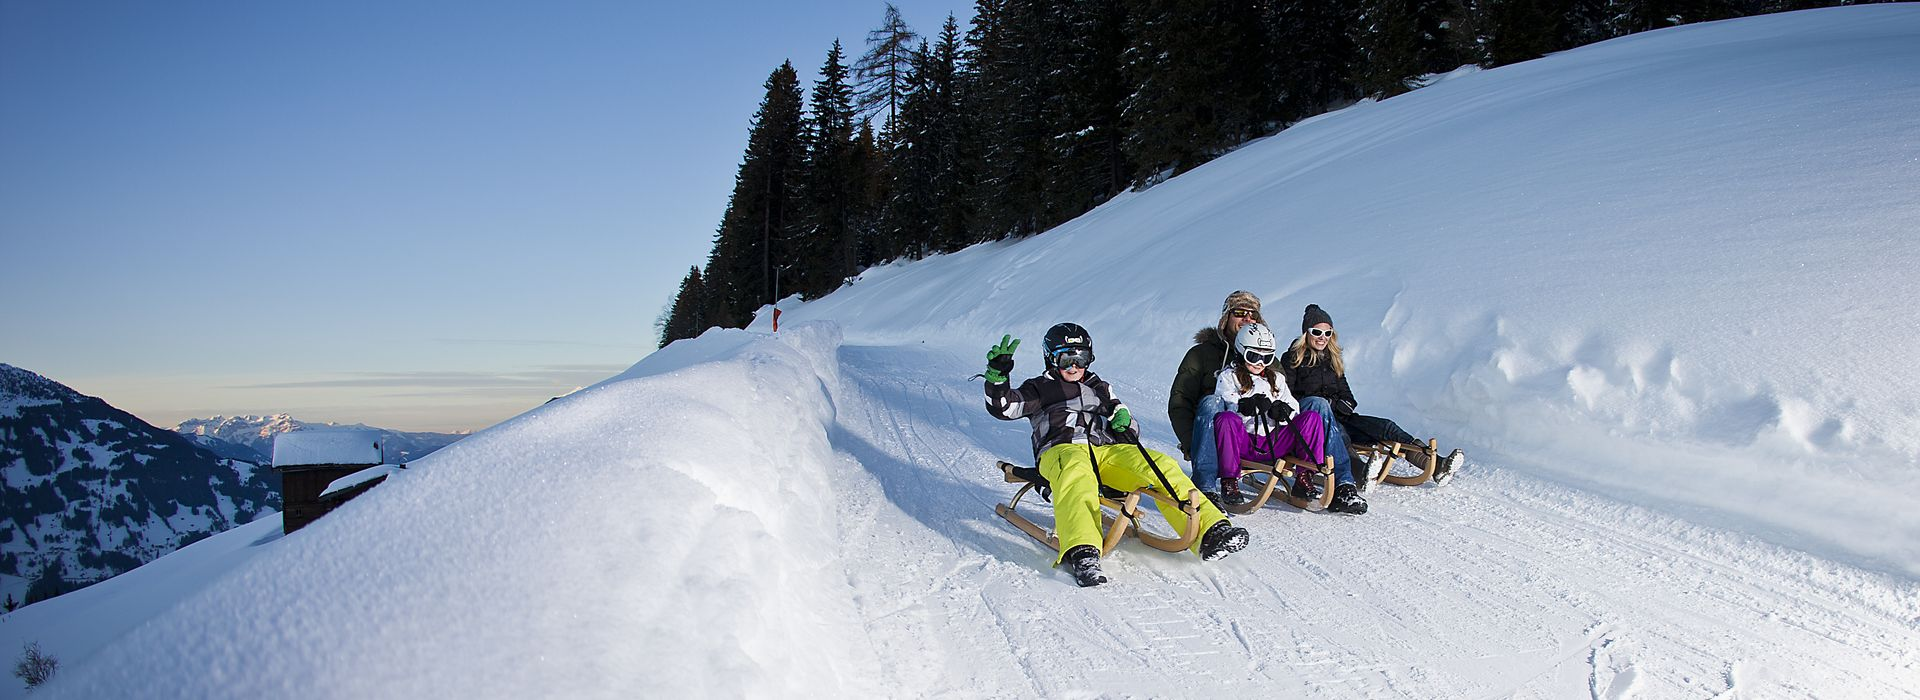 Rodeln mit Familie ©Johannes Sautner (Zillertal Arena)